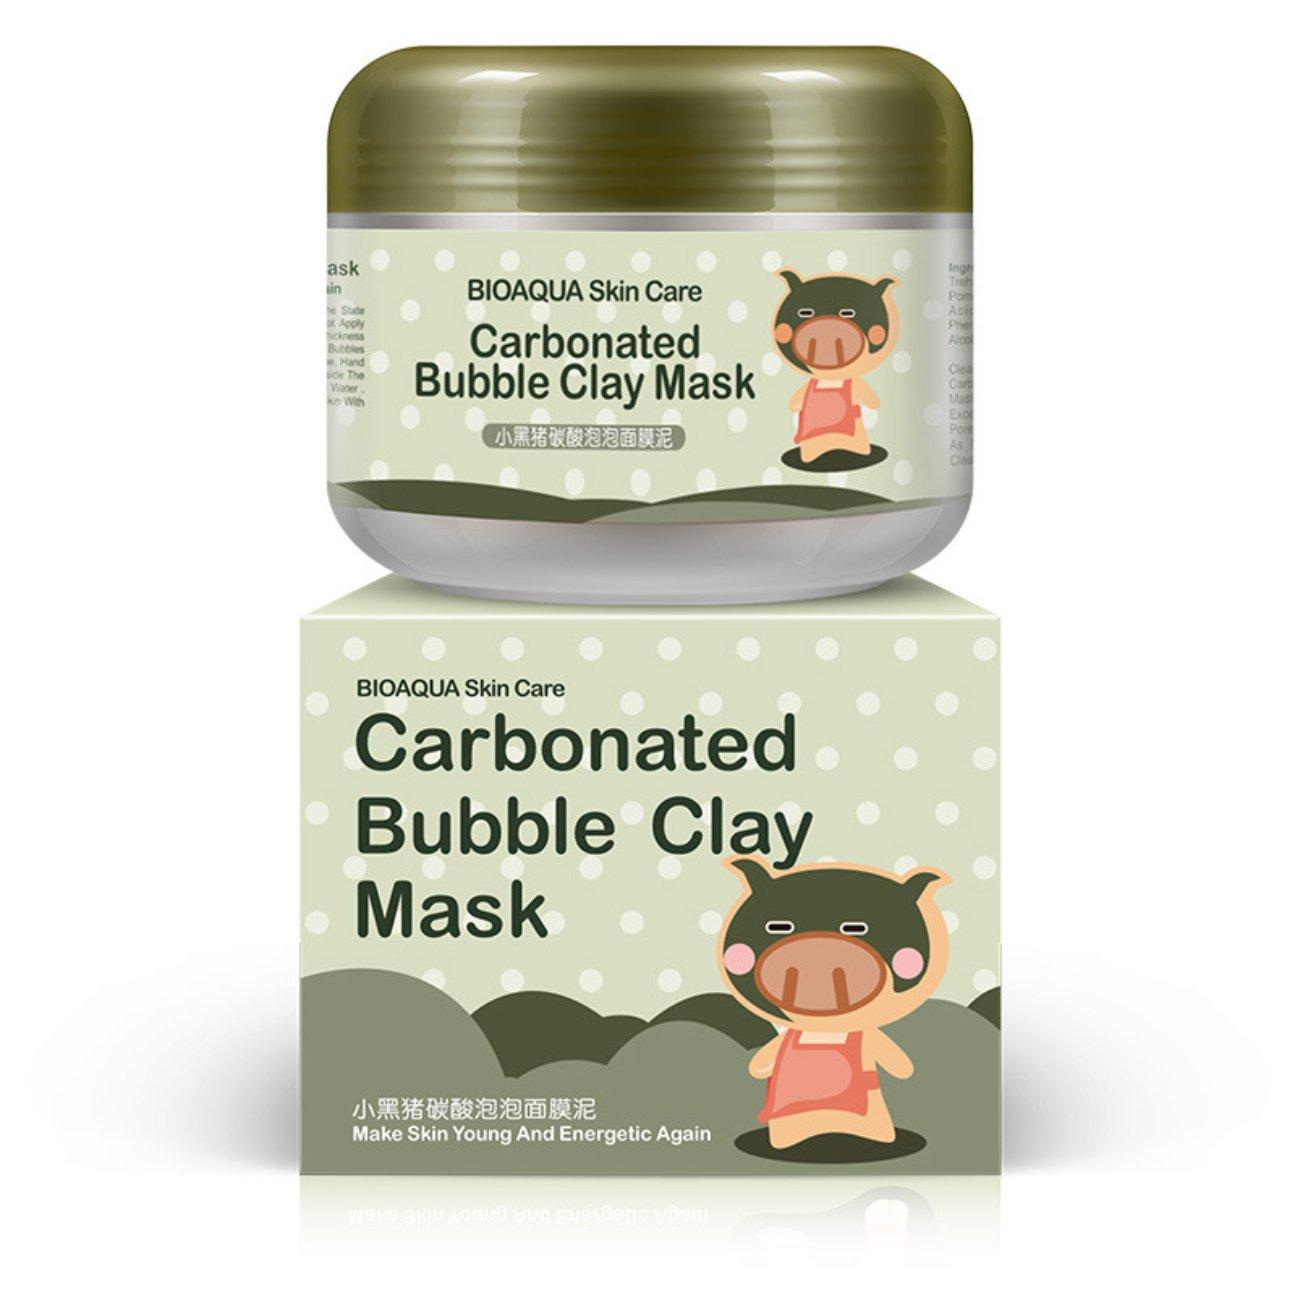 BIOAQUA Carbonated Bubble Clay Piggy Mask Clear Rejuvenation Skin Deep Plant Extracts Cleanse Nourishment Abundant Foam